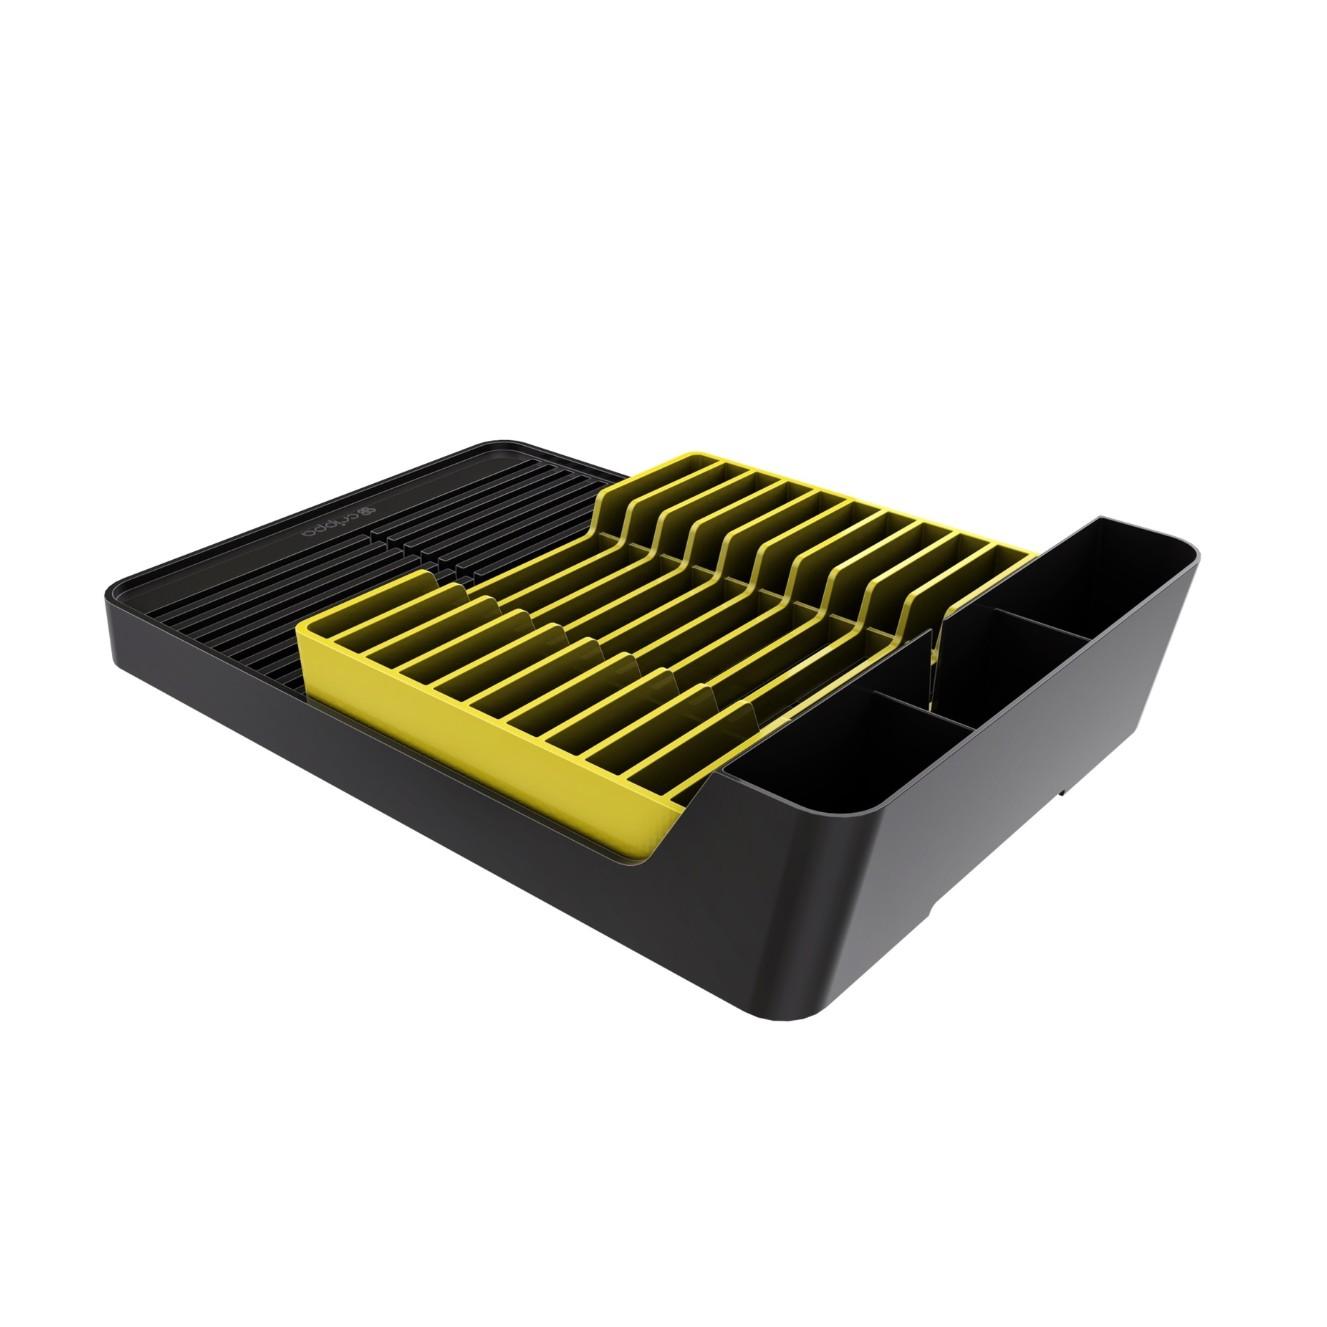 Escorredor de Pratos 11 Pratos Amarelo - Crippa